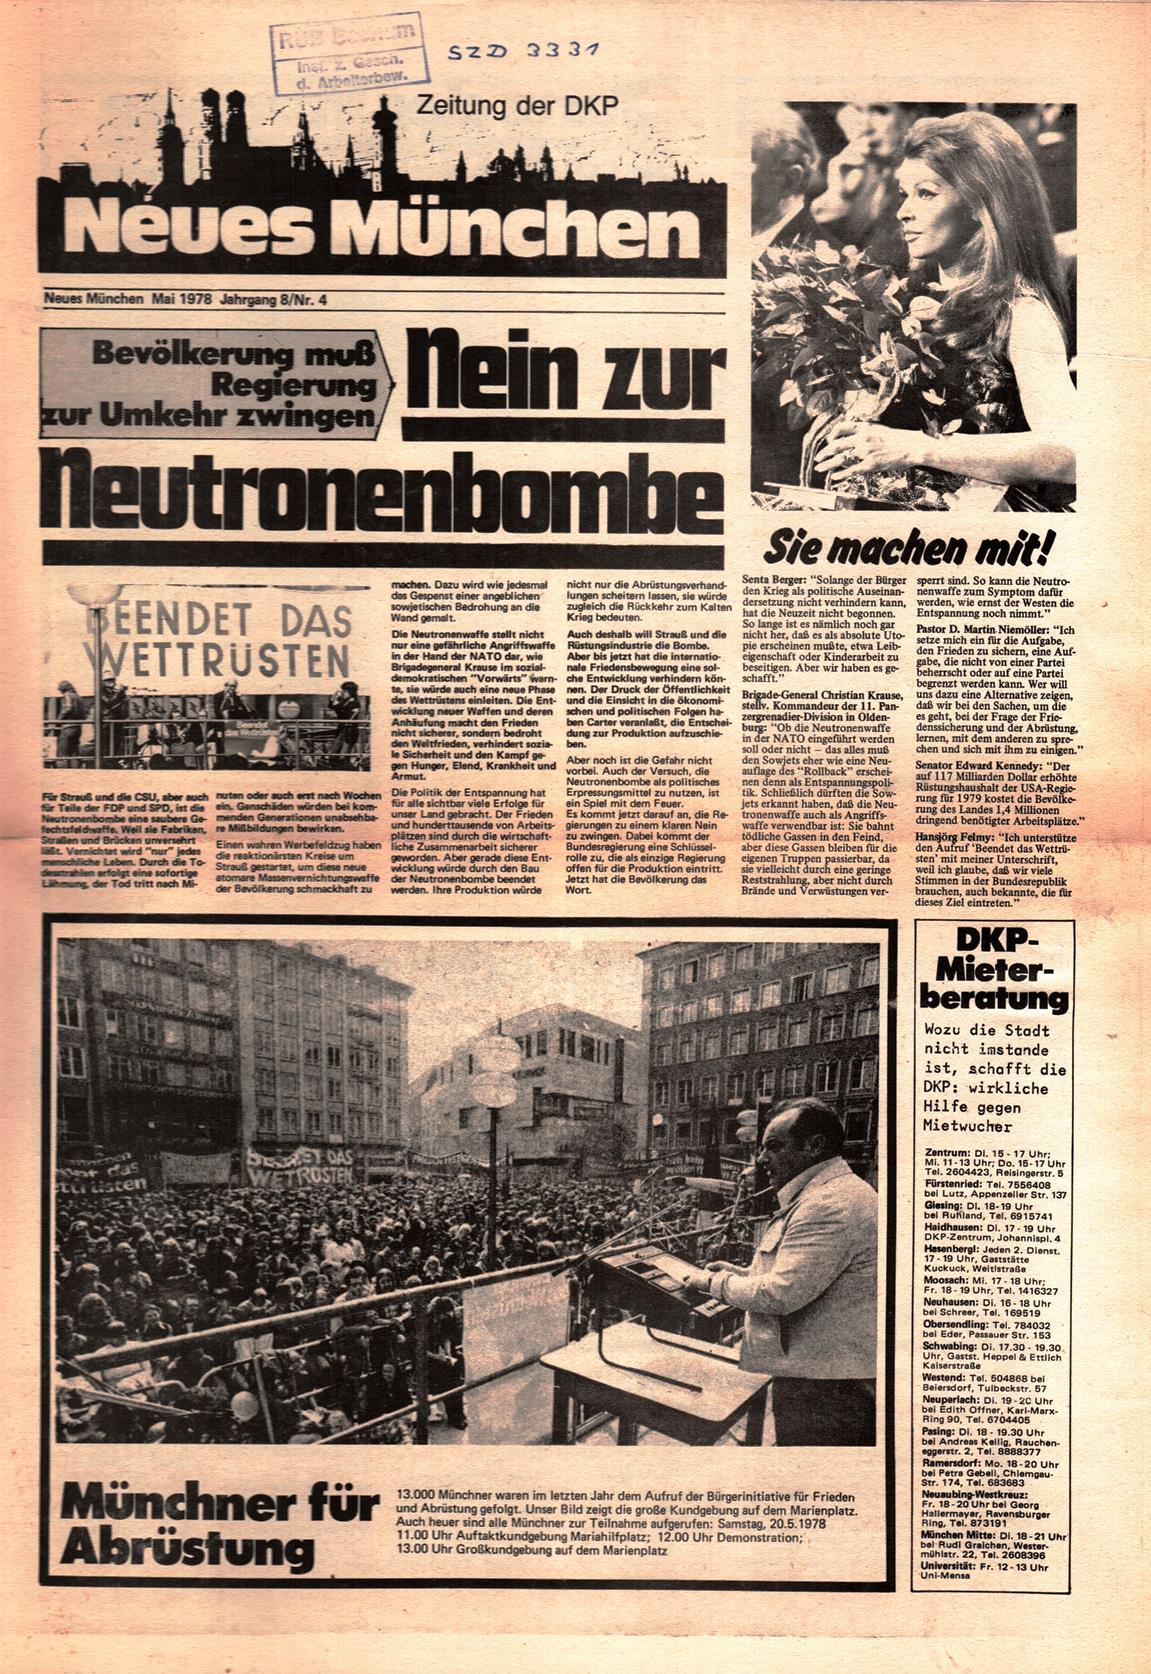 Muenchen_DKP_Neues_Muenchen_19780500_004_001